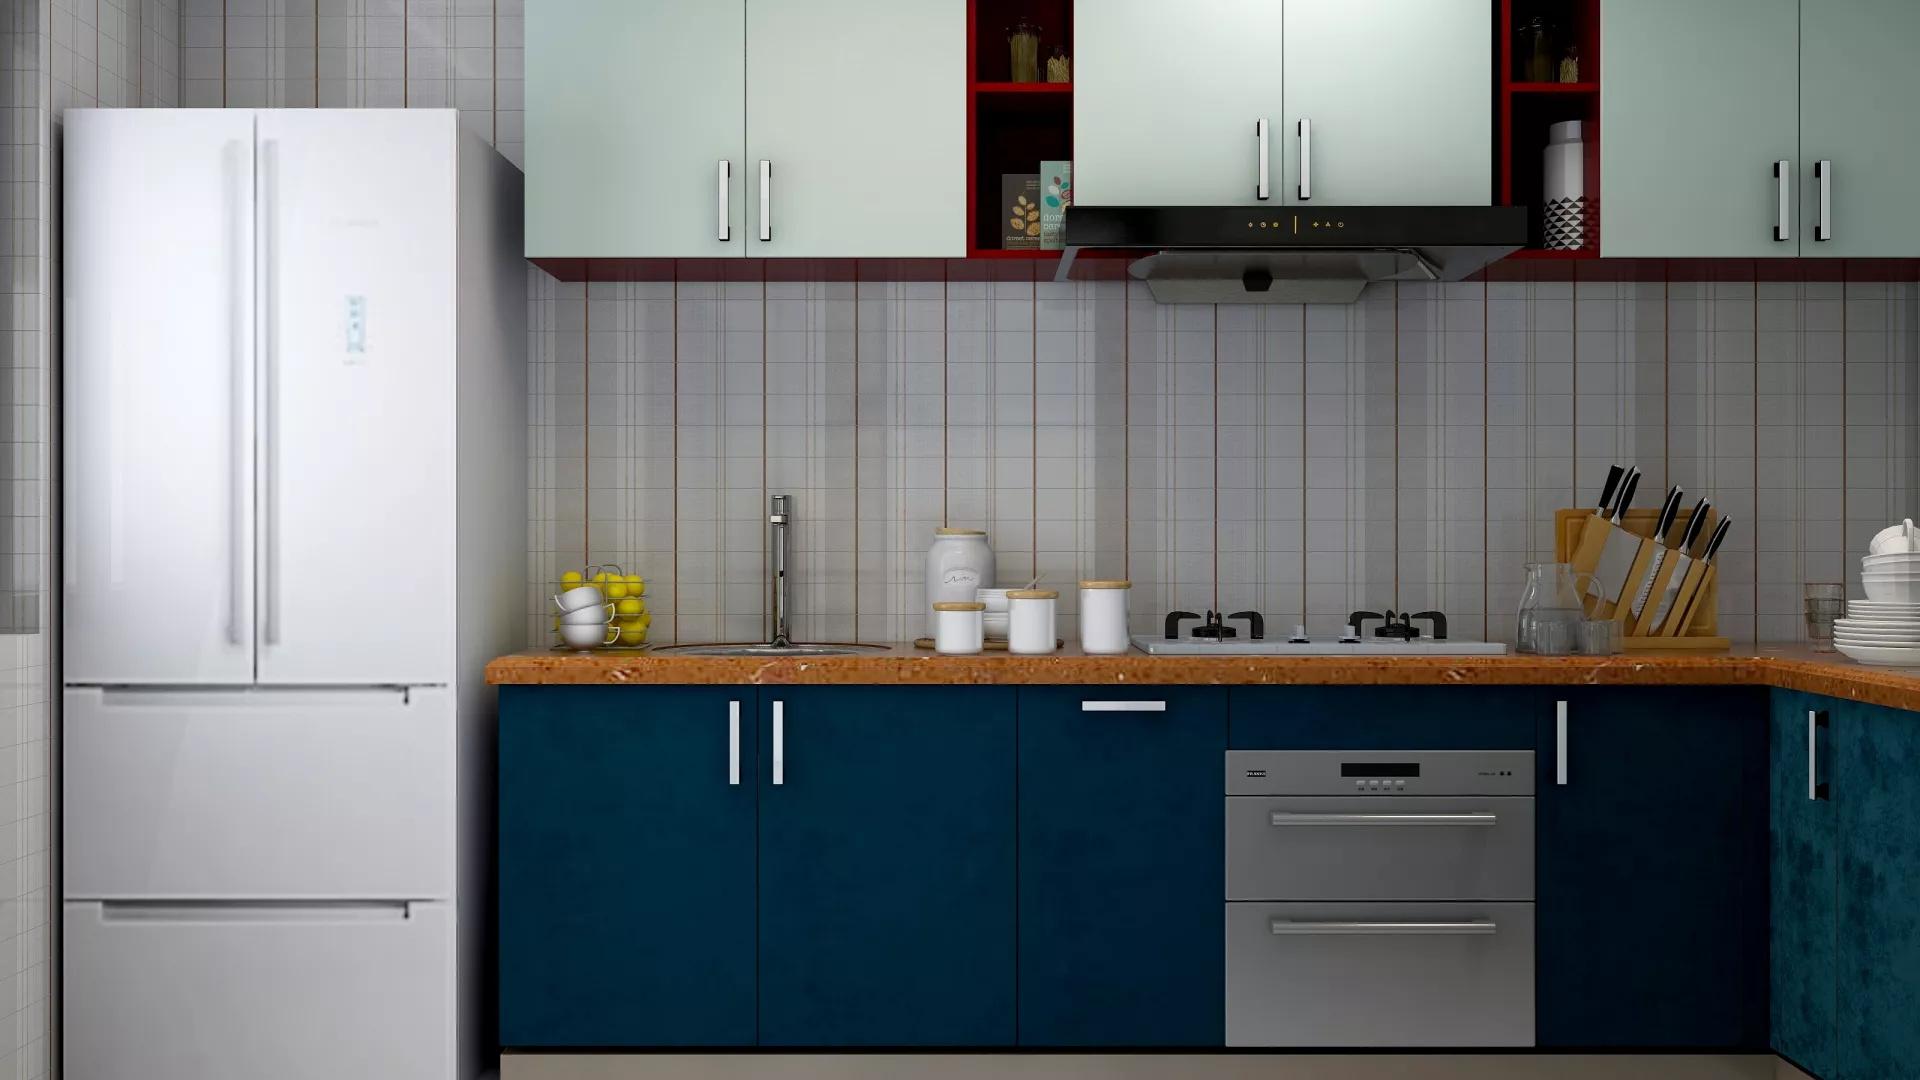 艺术简约风格厨房吧台设计效果图